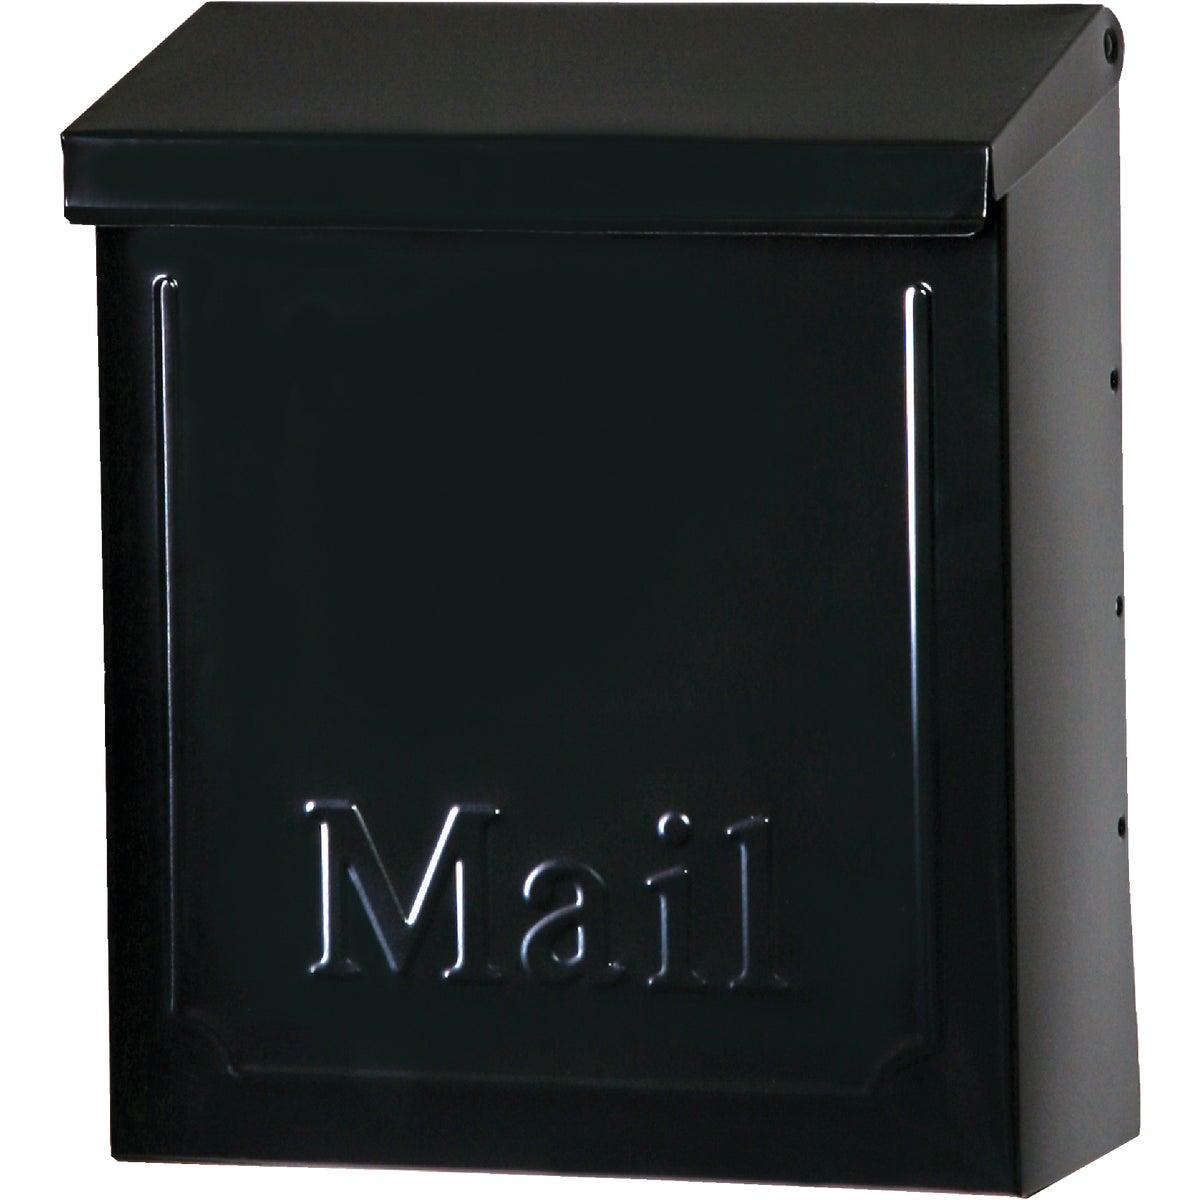 Blk Vert Wall Mailbox